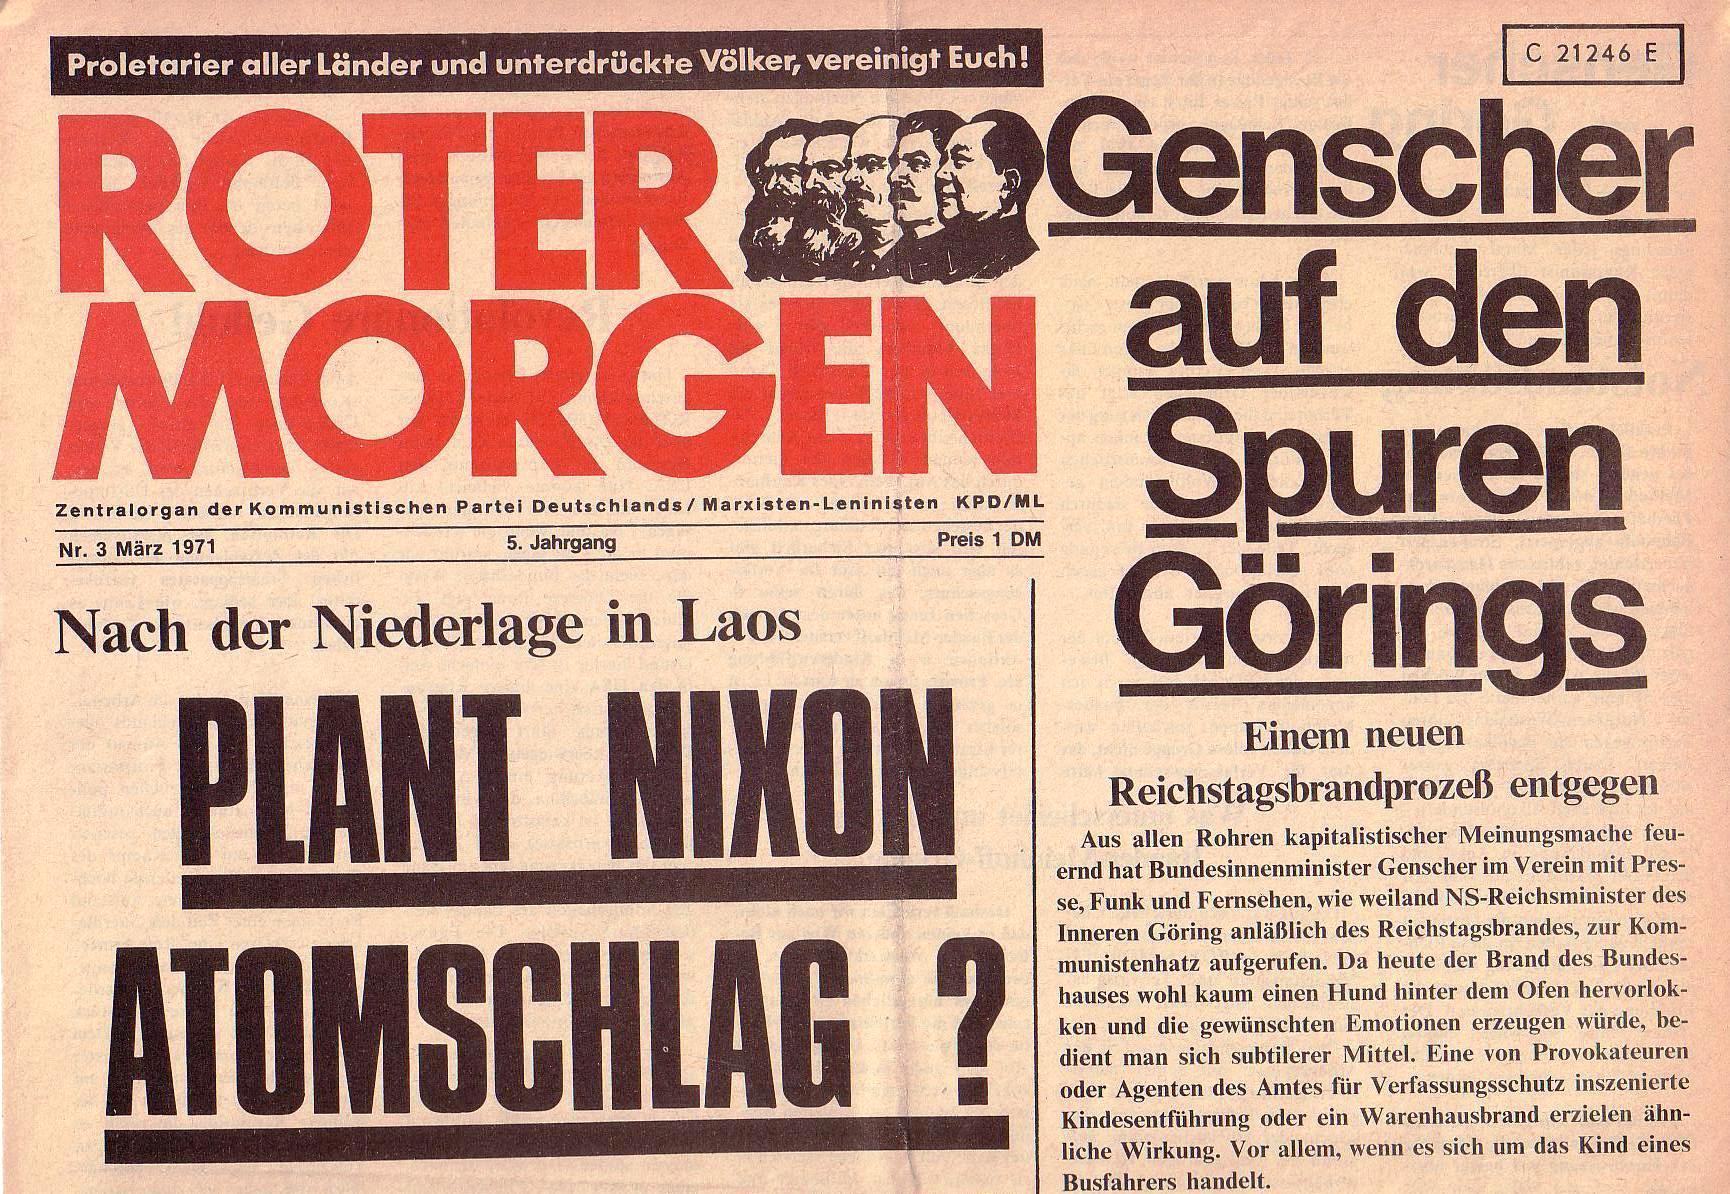 Roter Morgen, 5. Jg., März 1971, Nr. 3, Seite 1a